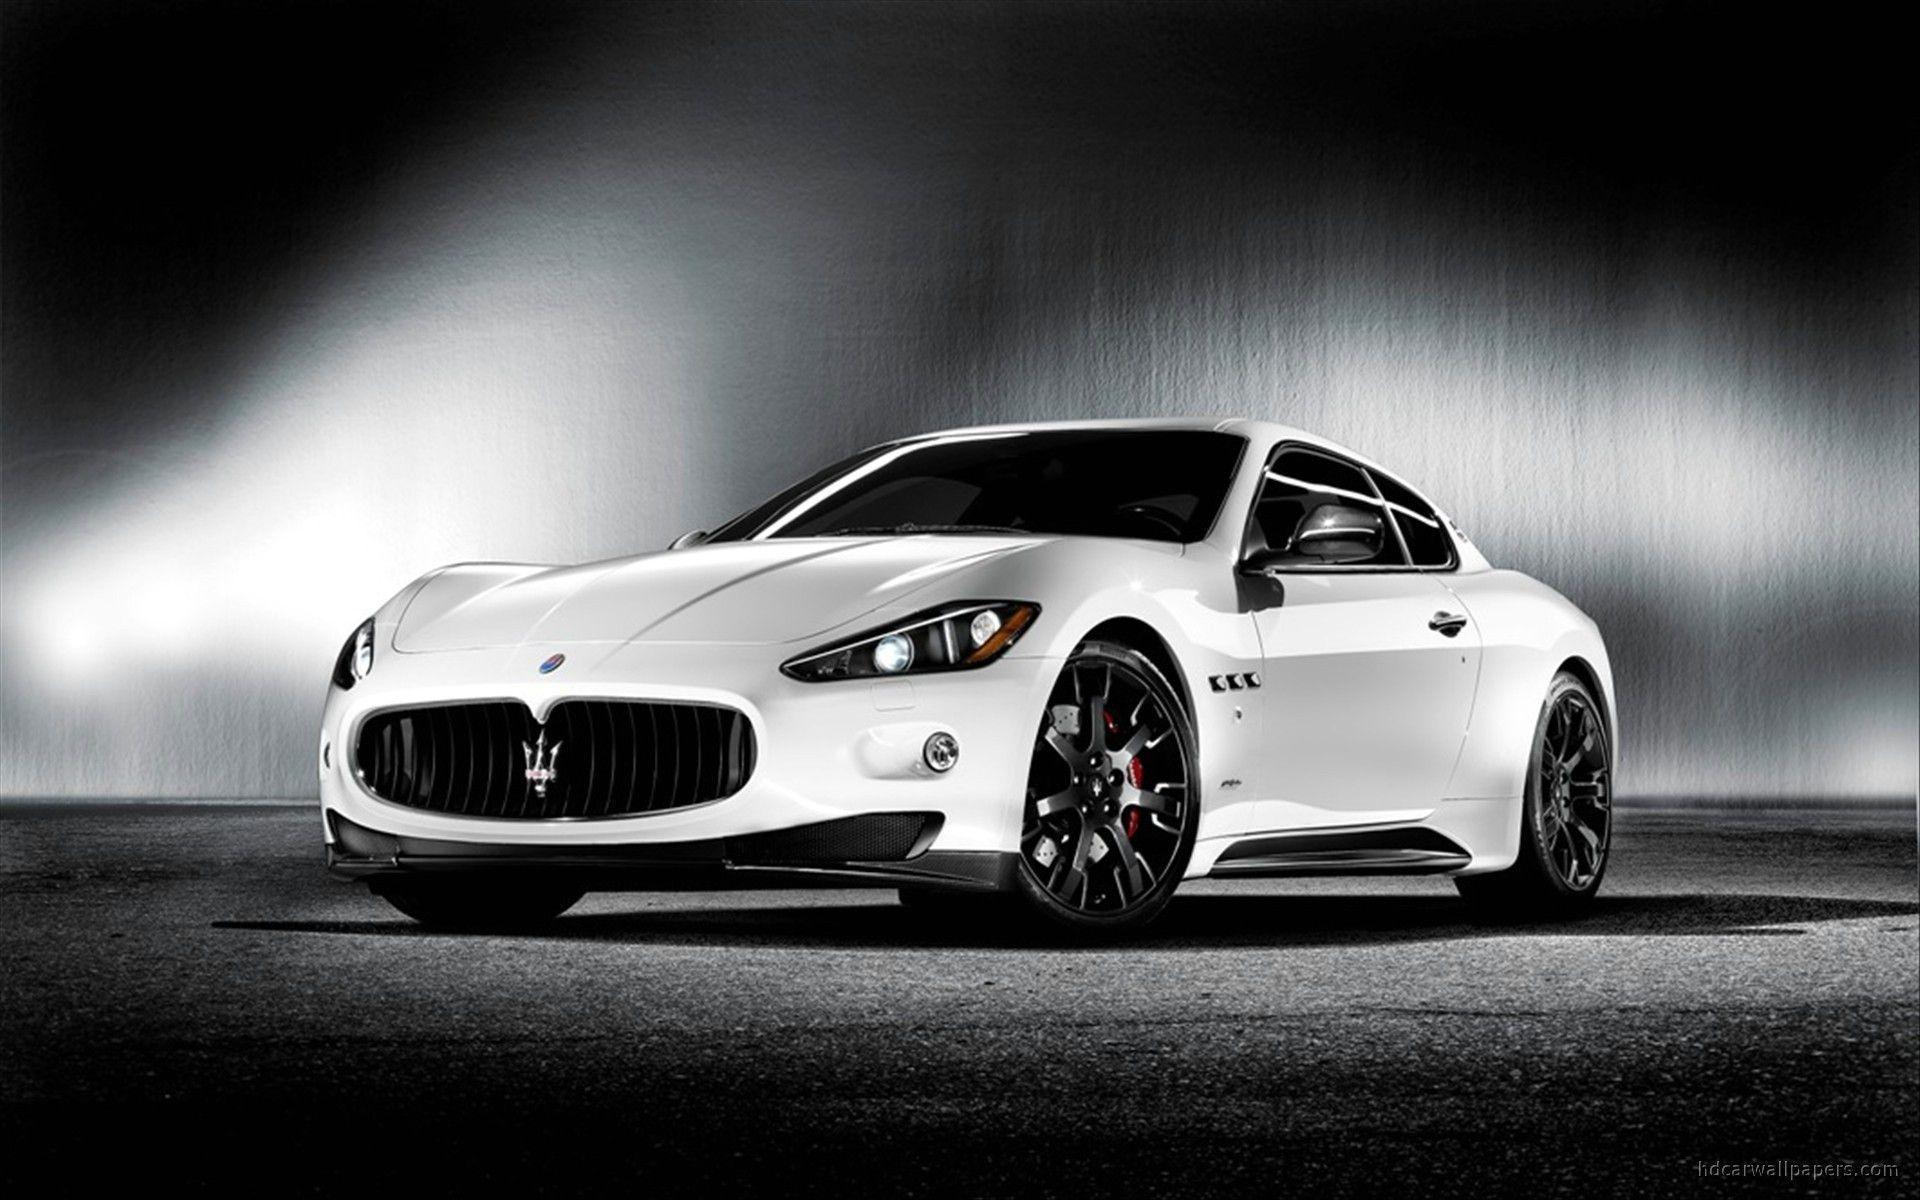 Maserati hd wallpaper - photo#19